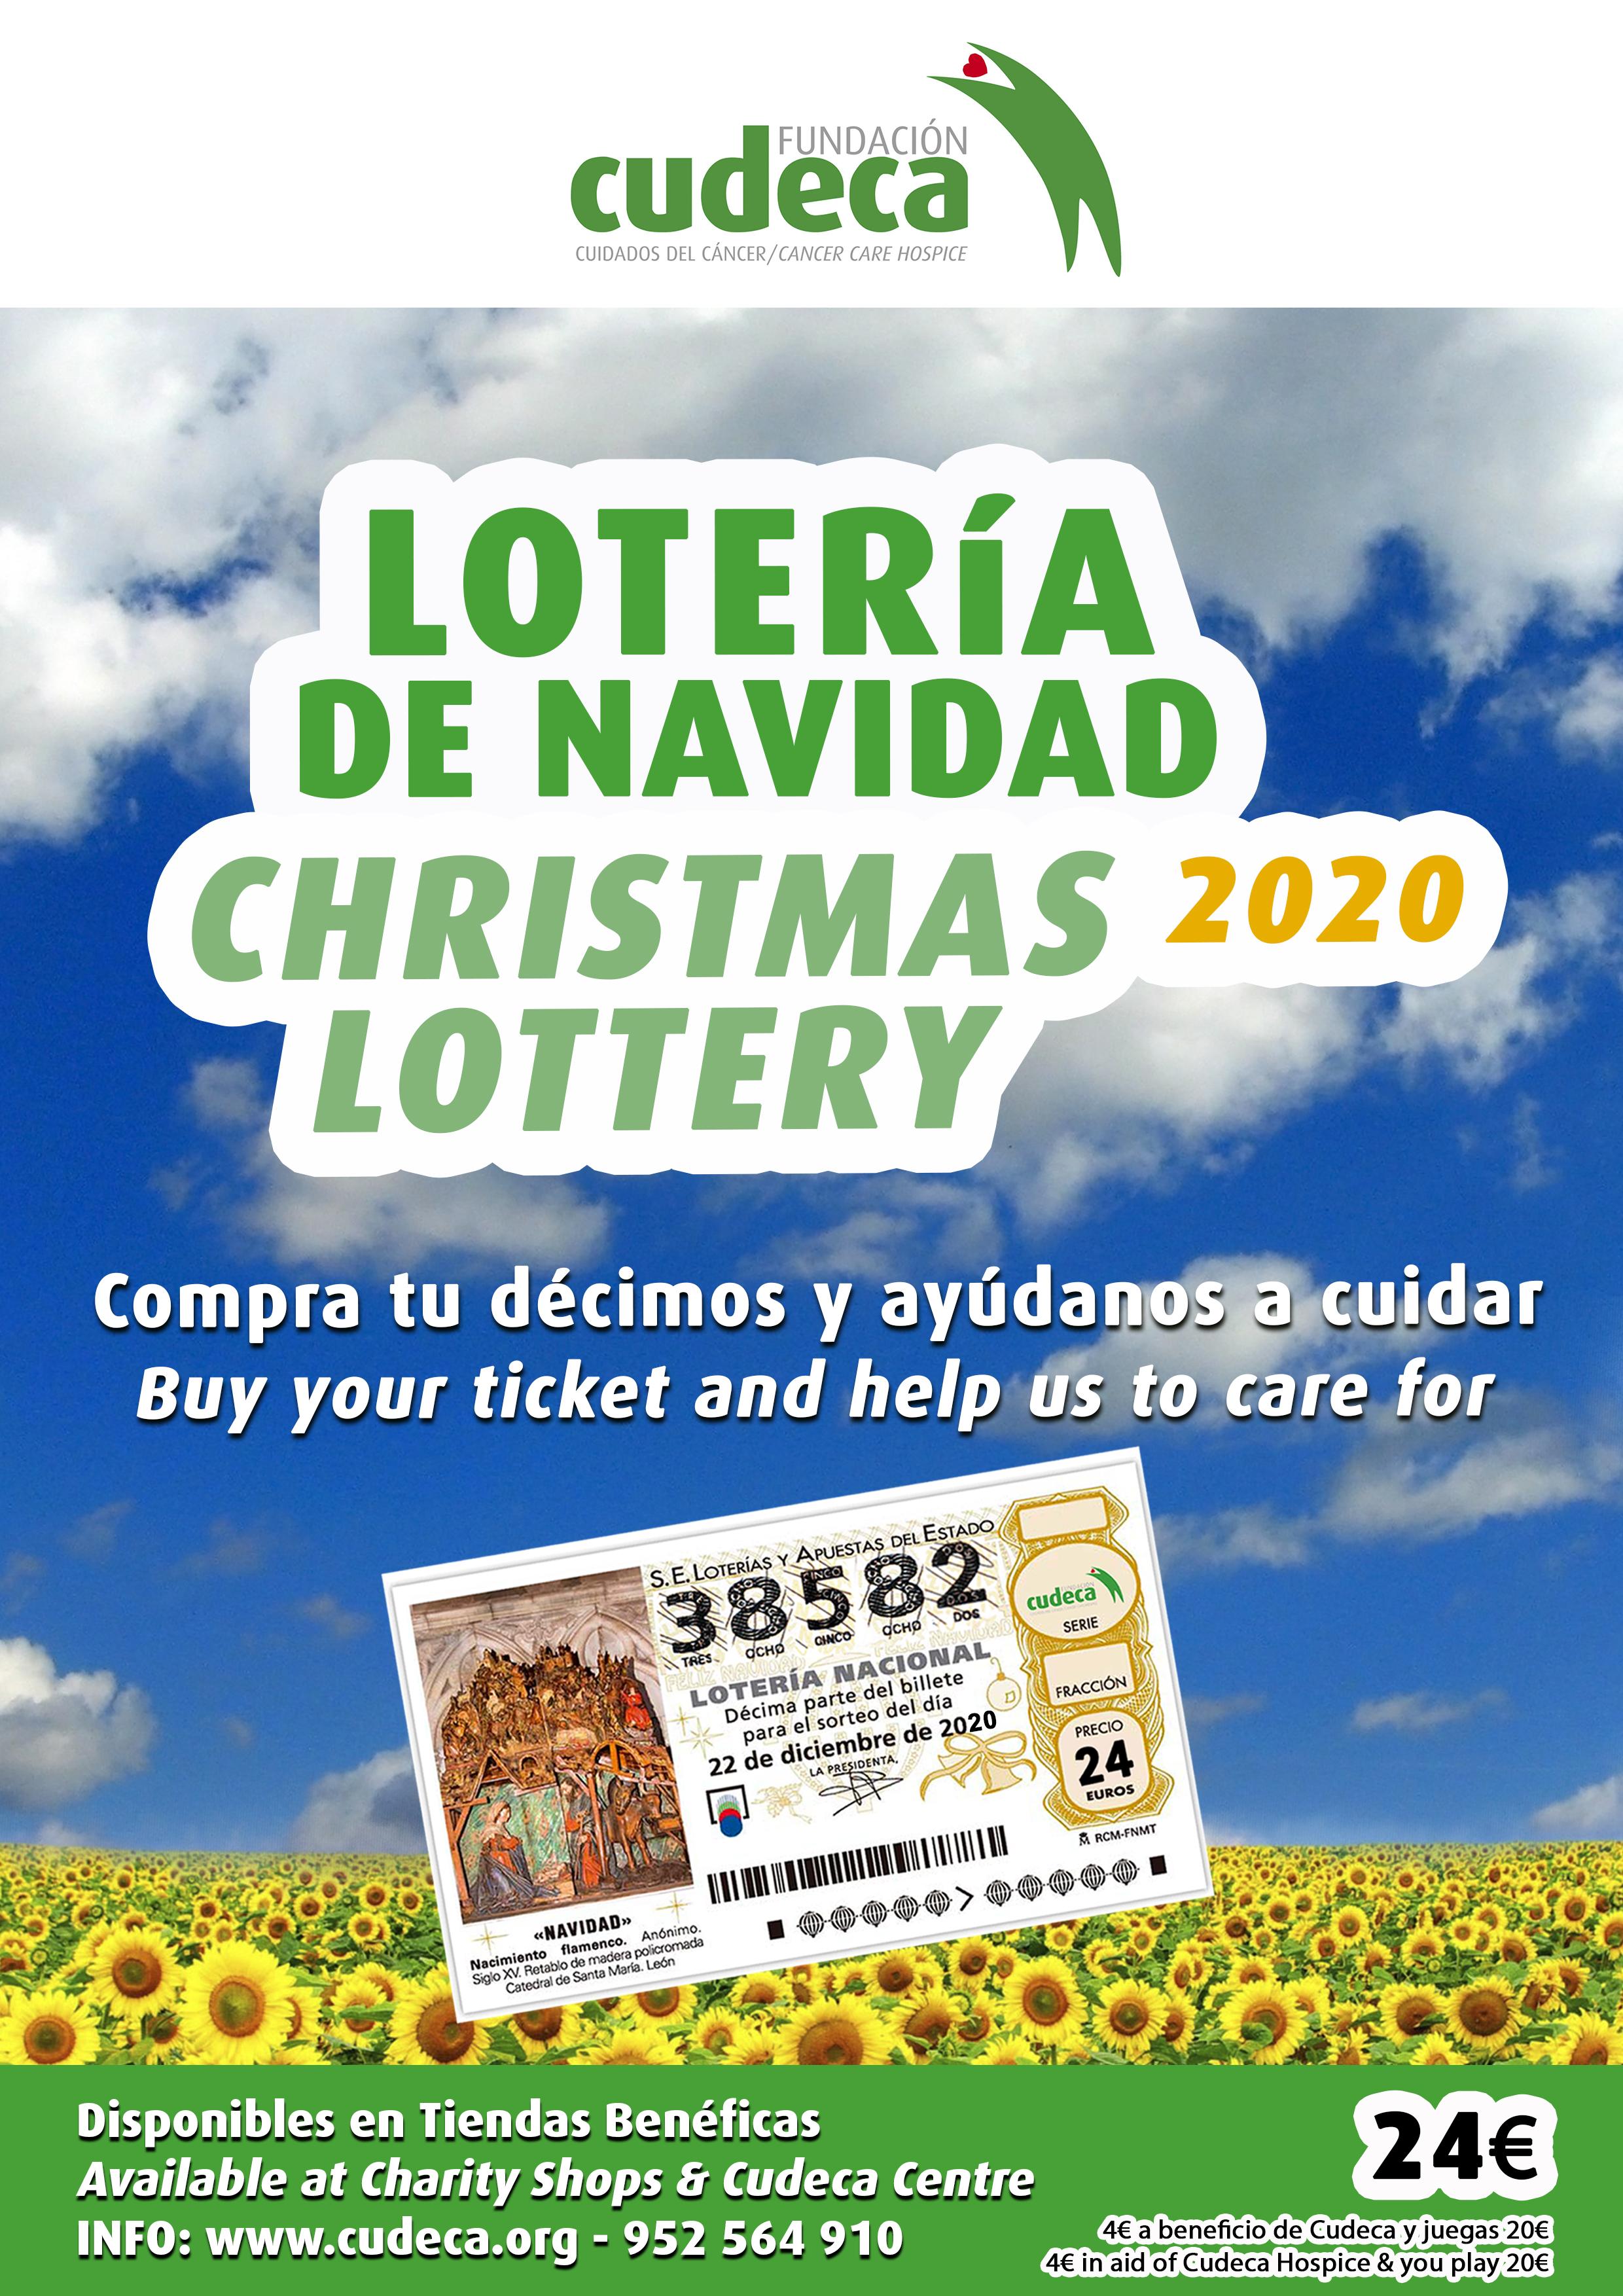 Loteria de Navidad de CUDECA